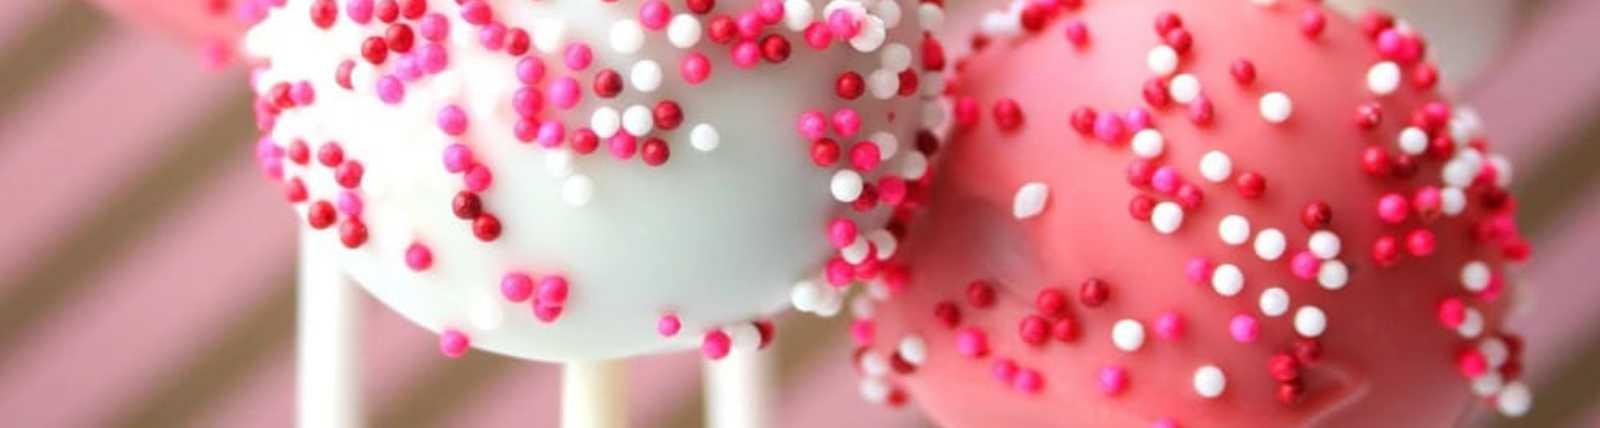 Confetti Confections & Coffee